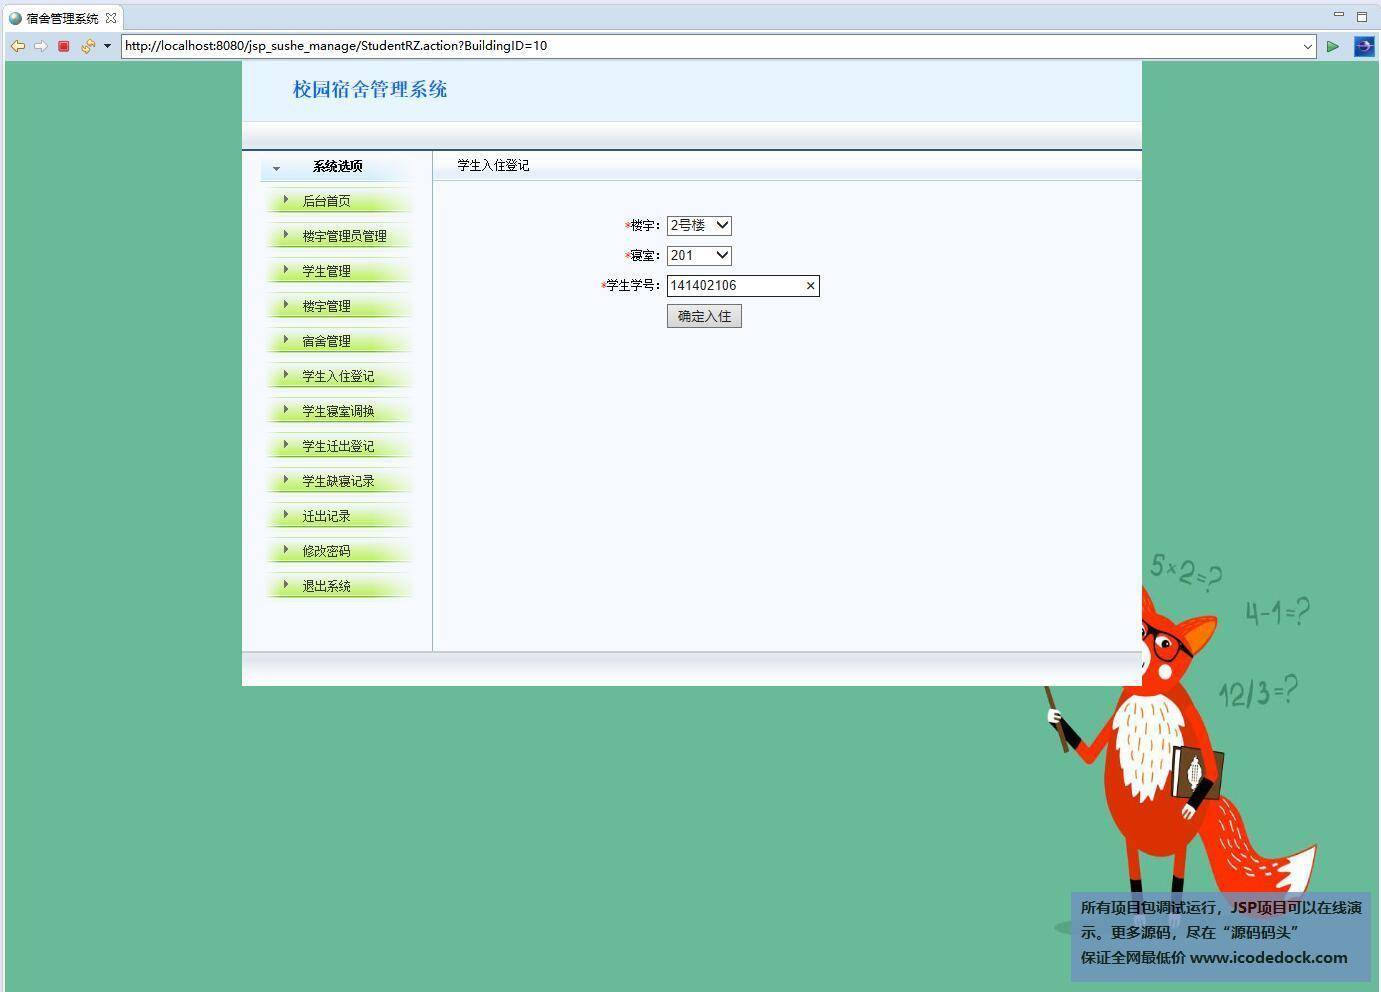 源码码头-JSP学校宿舍管理系统-系统管理员角色-入住登记